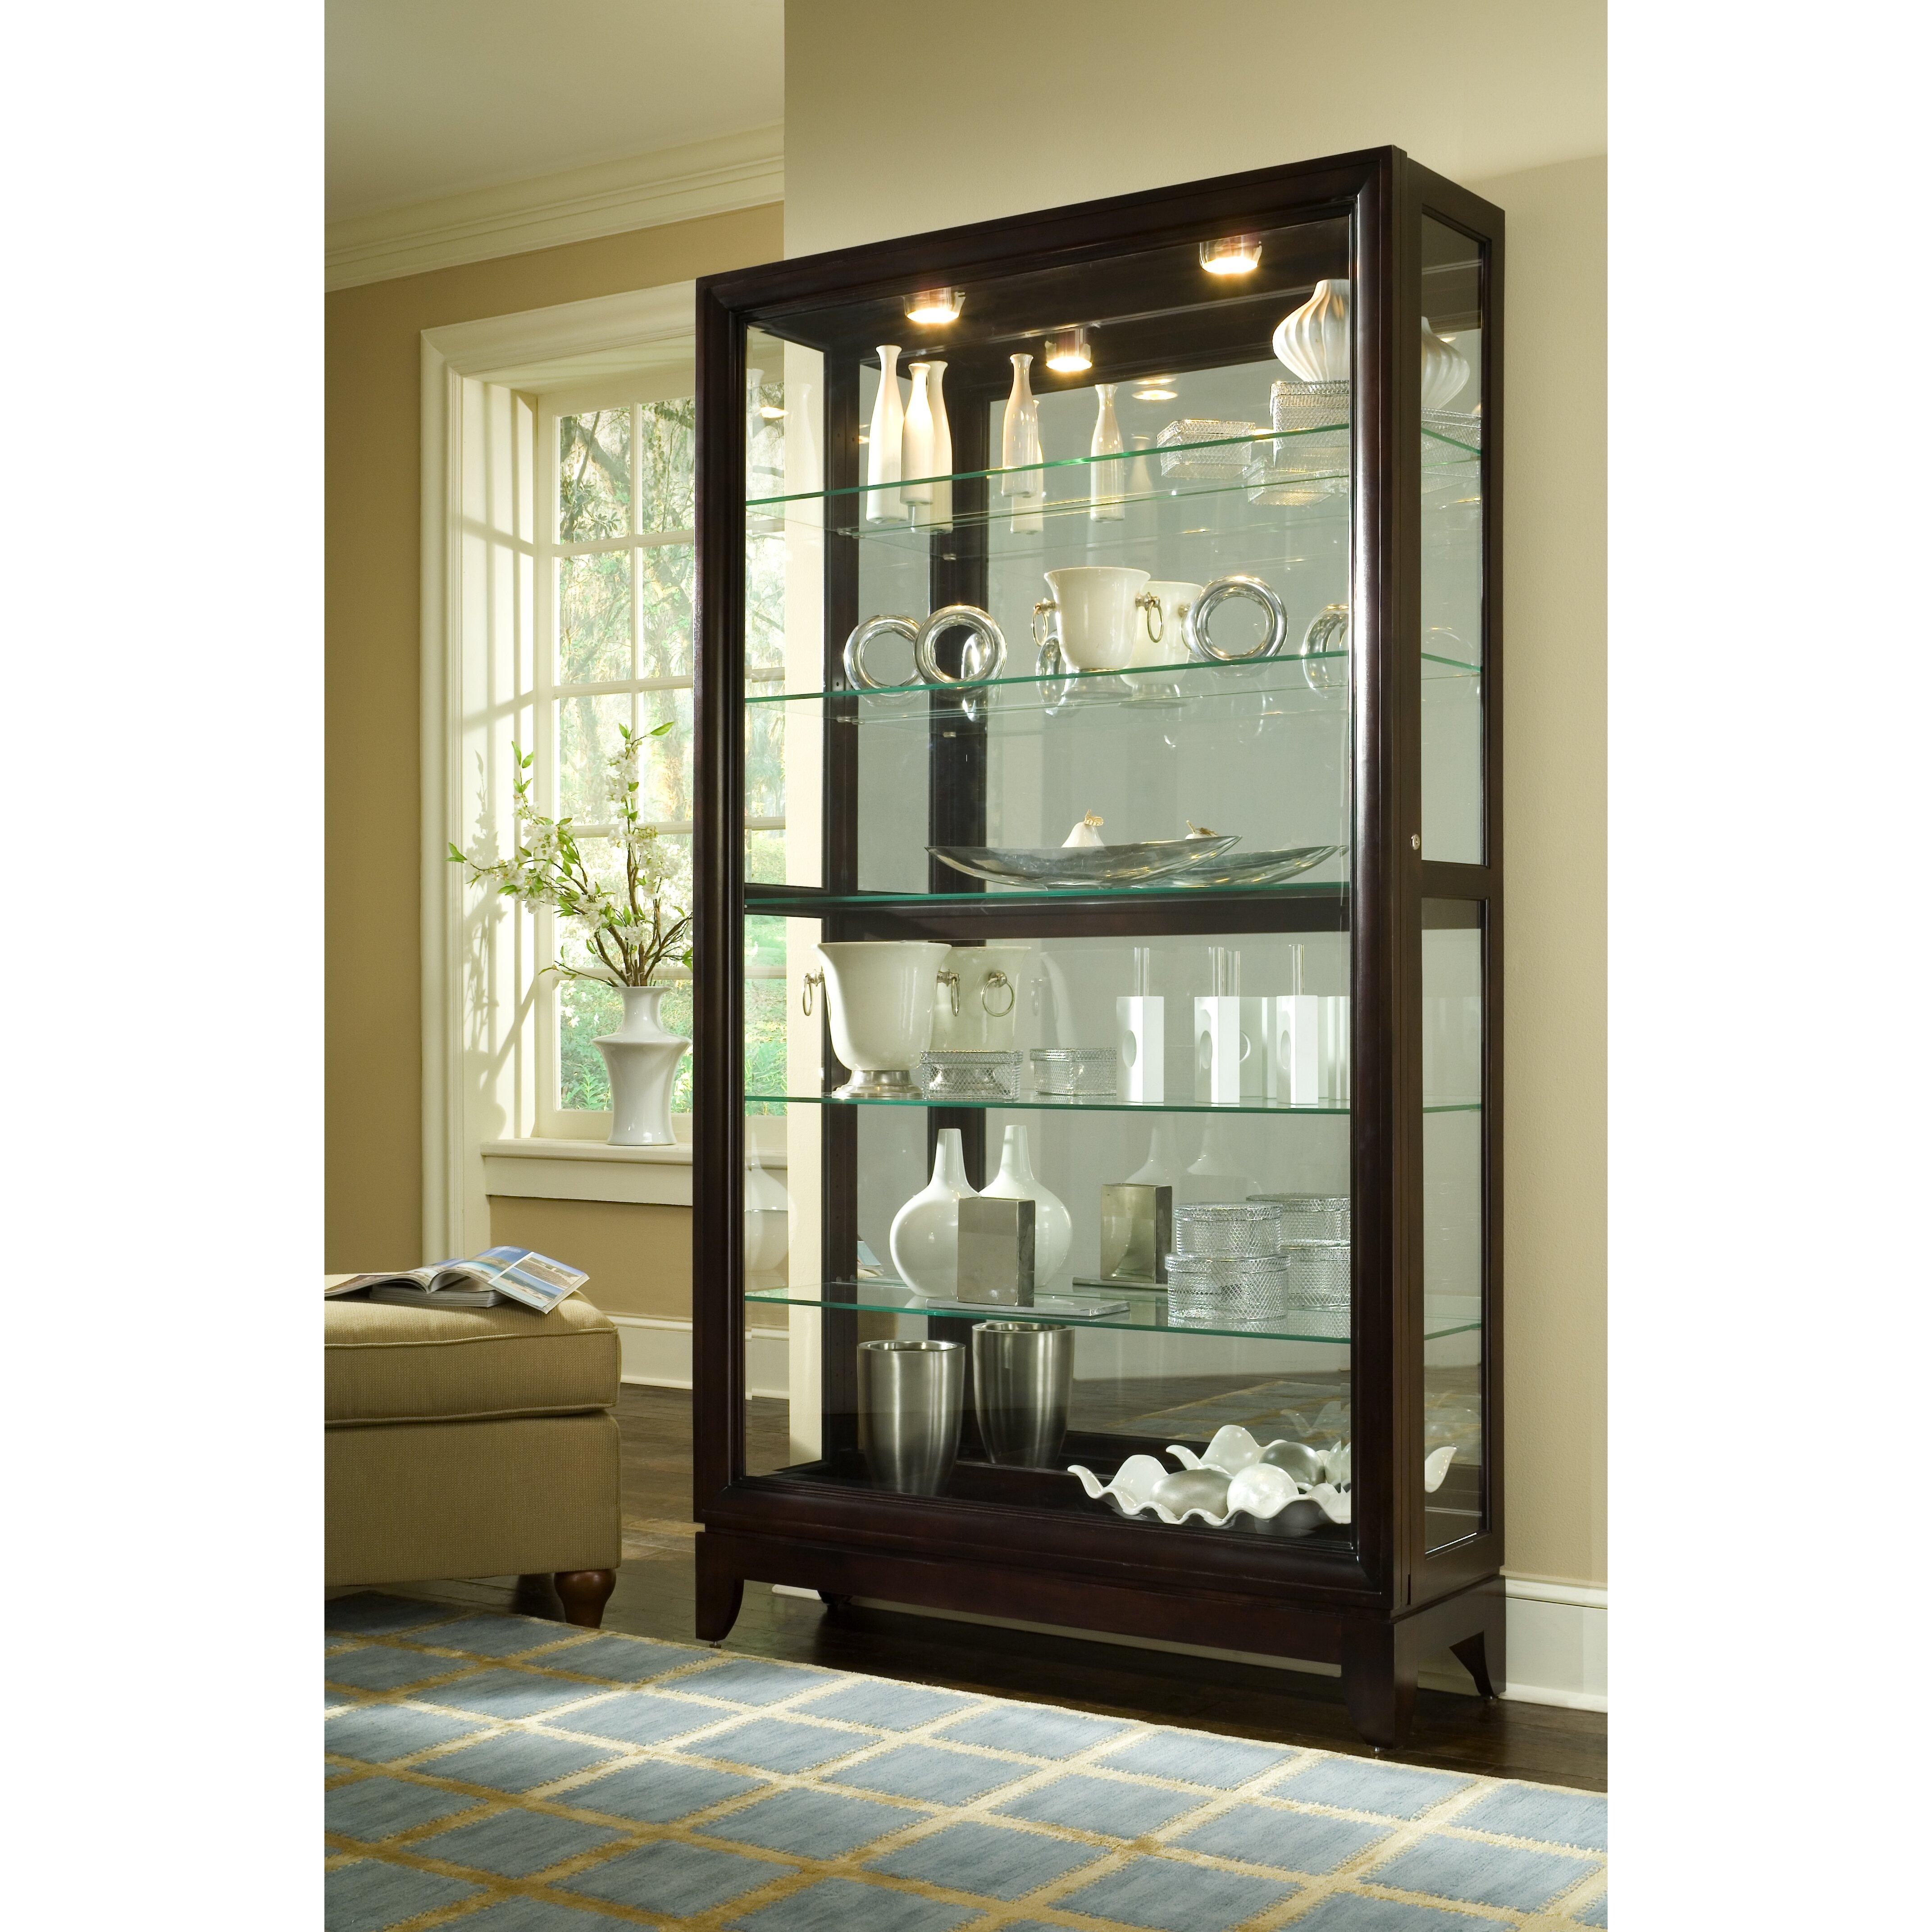 Pulaski Keepsakes Standard Curio Cabinet